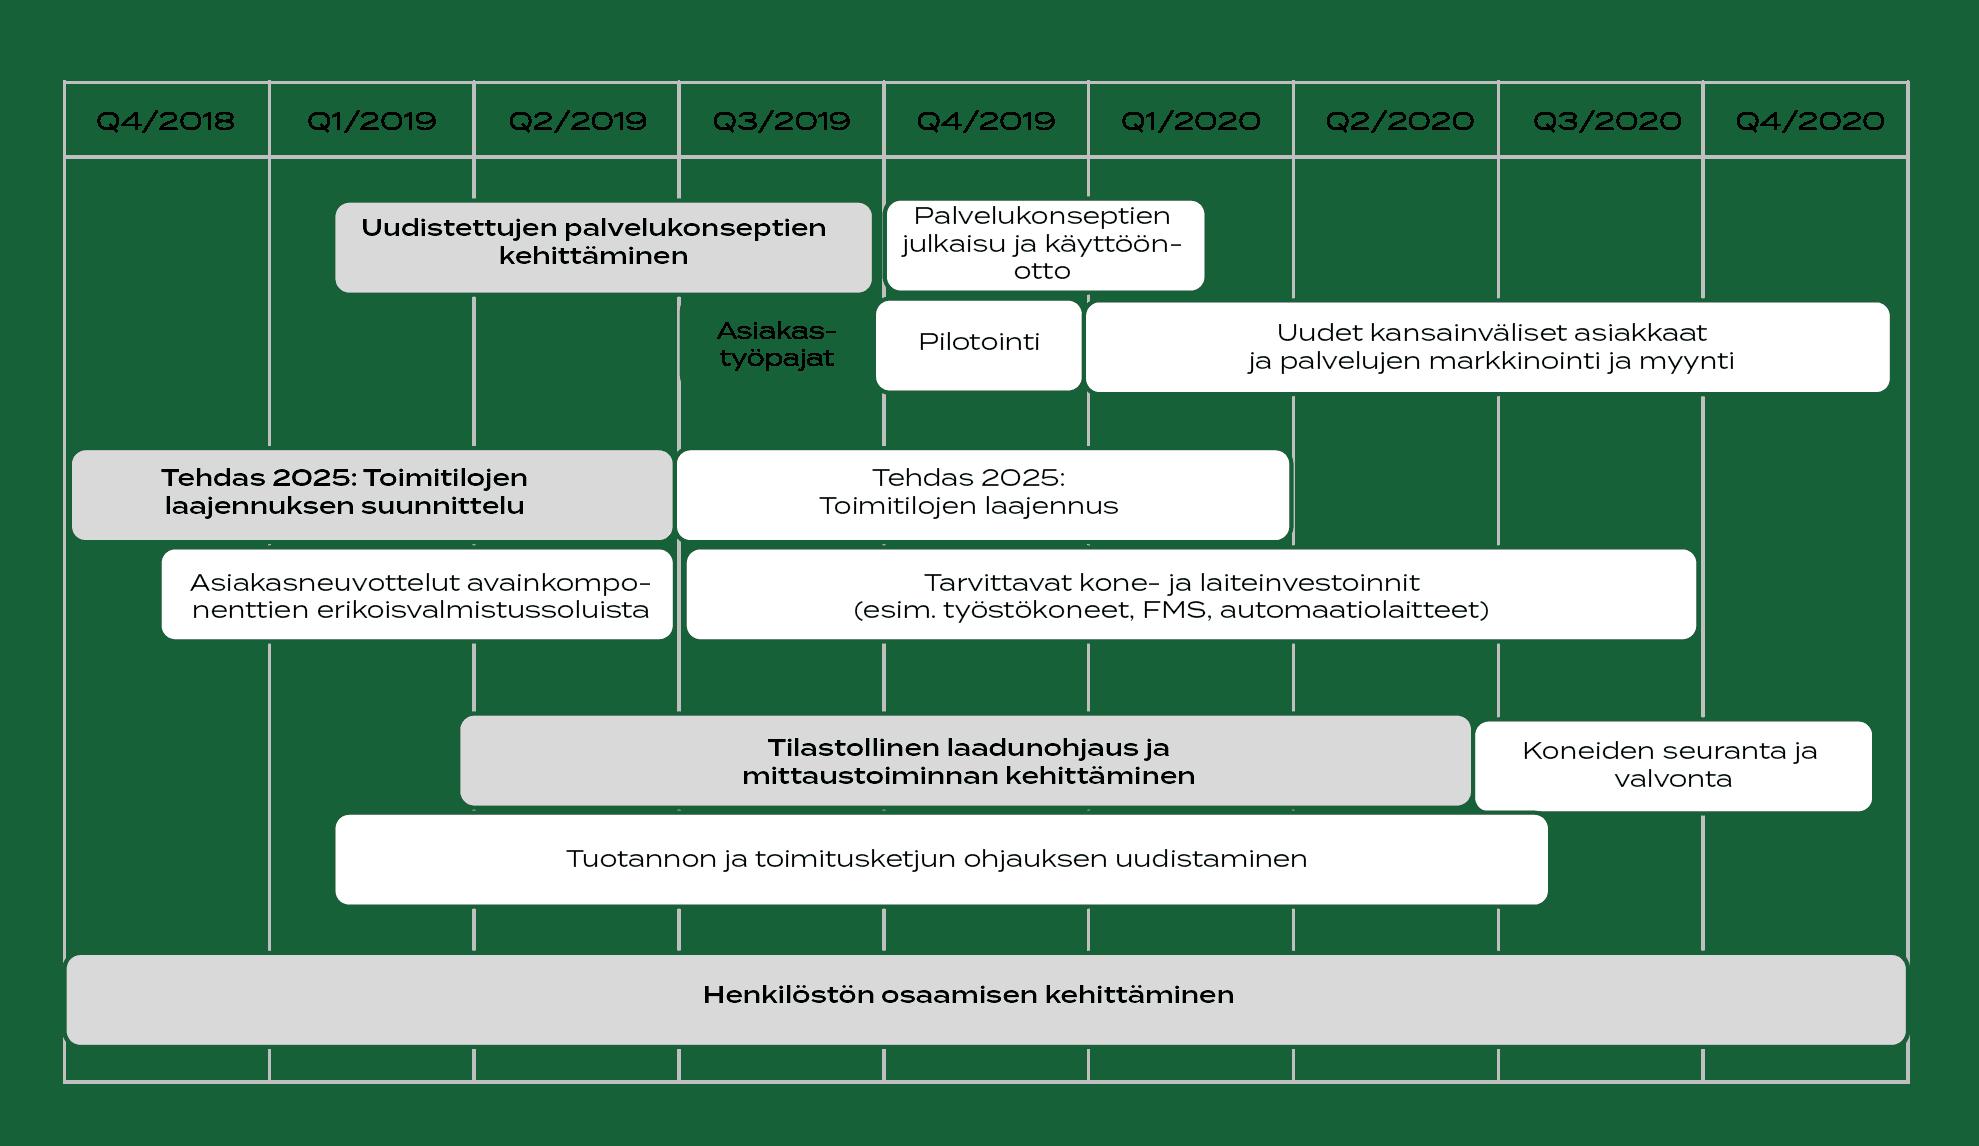 Salon Konepajan Kehittämispolku 2018 - 2020